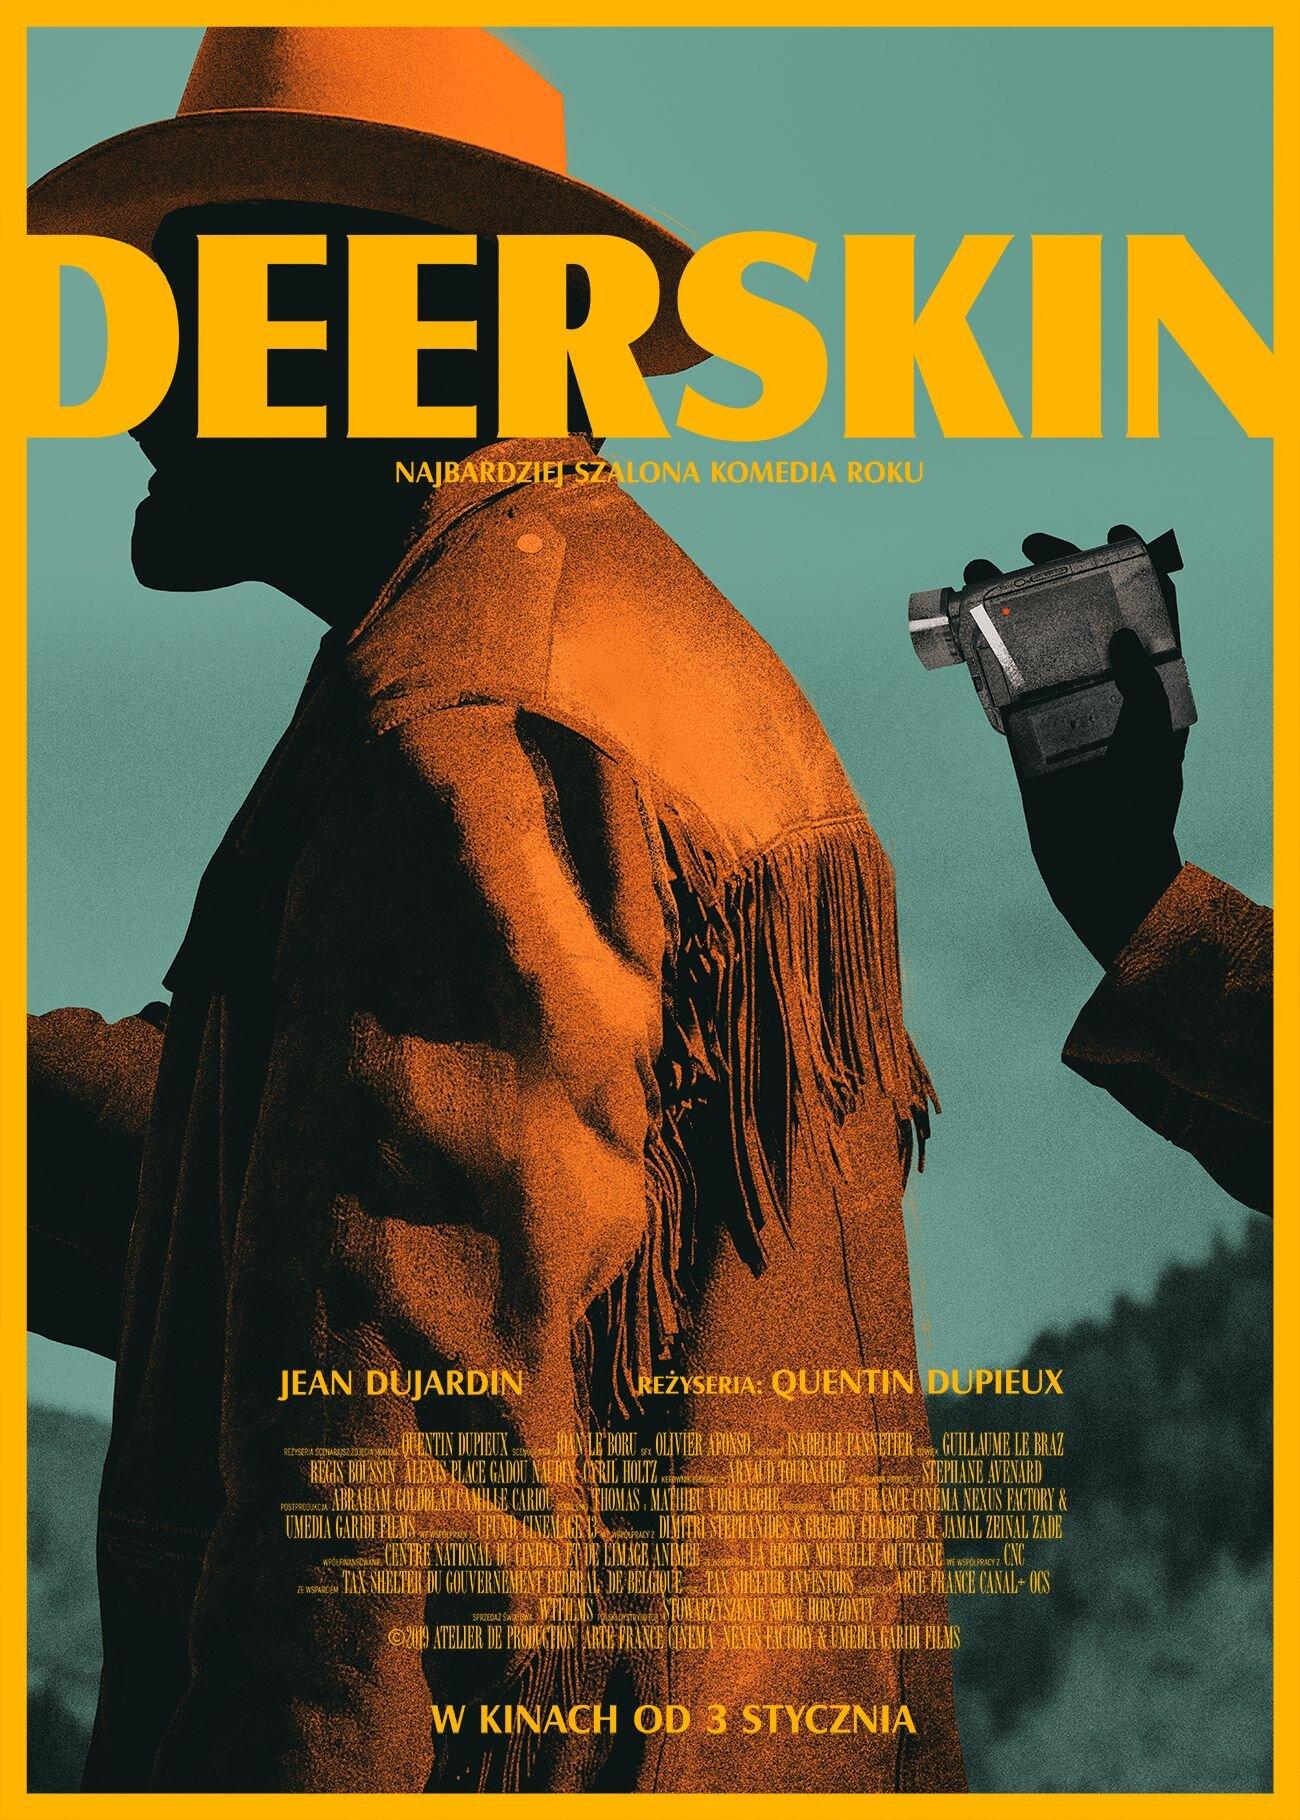 Deerskin 2020 Deerskin